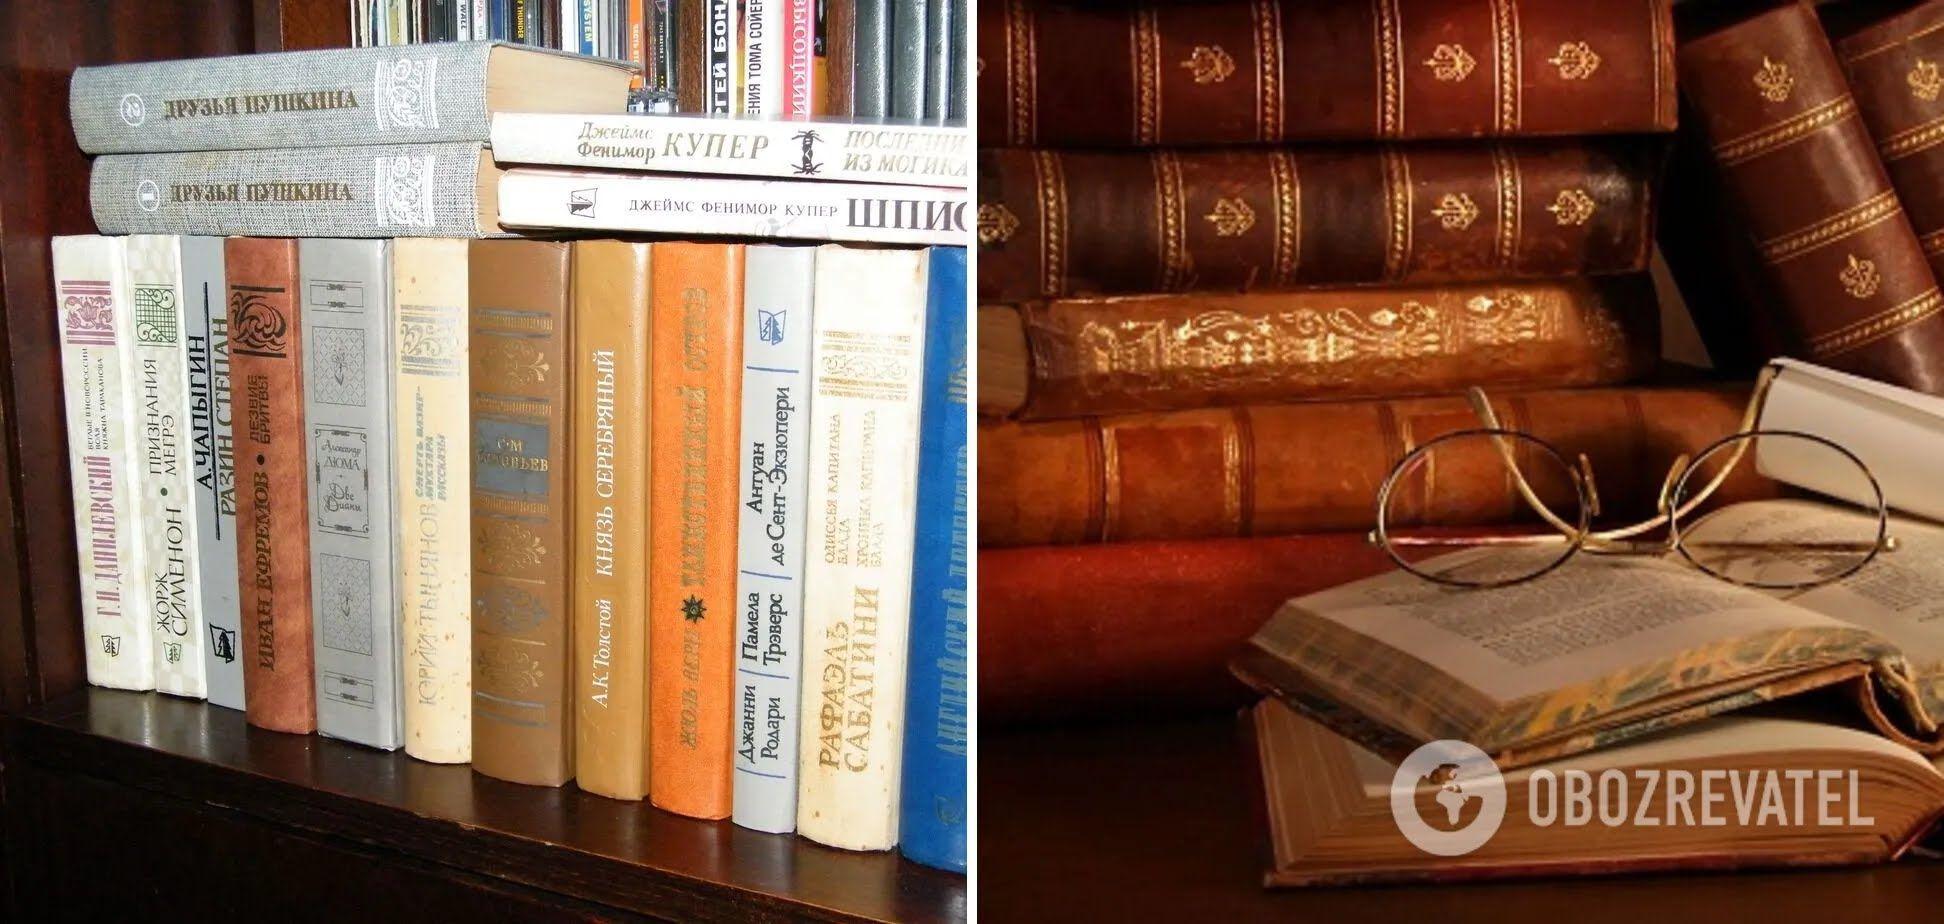 Перші видання книг дорого коштують